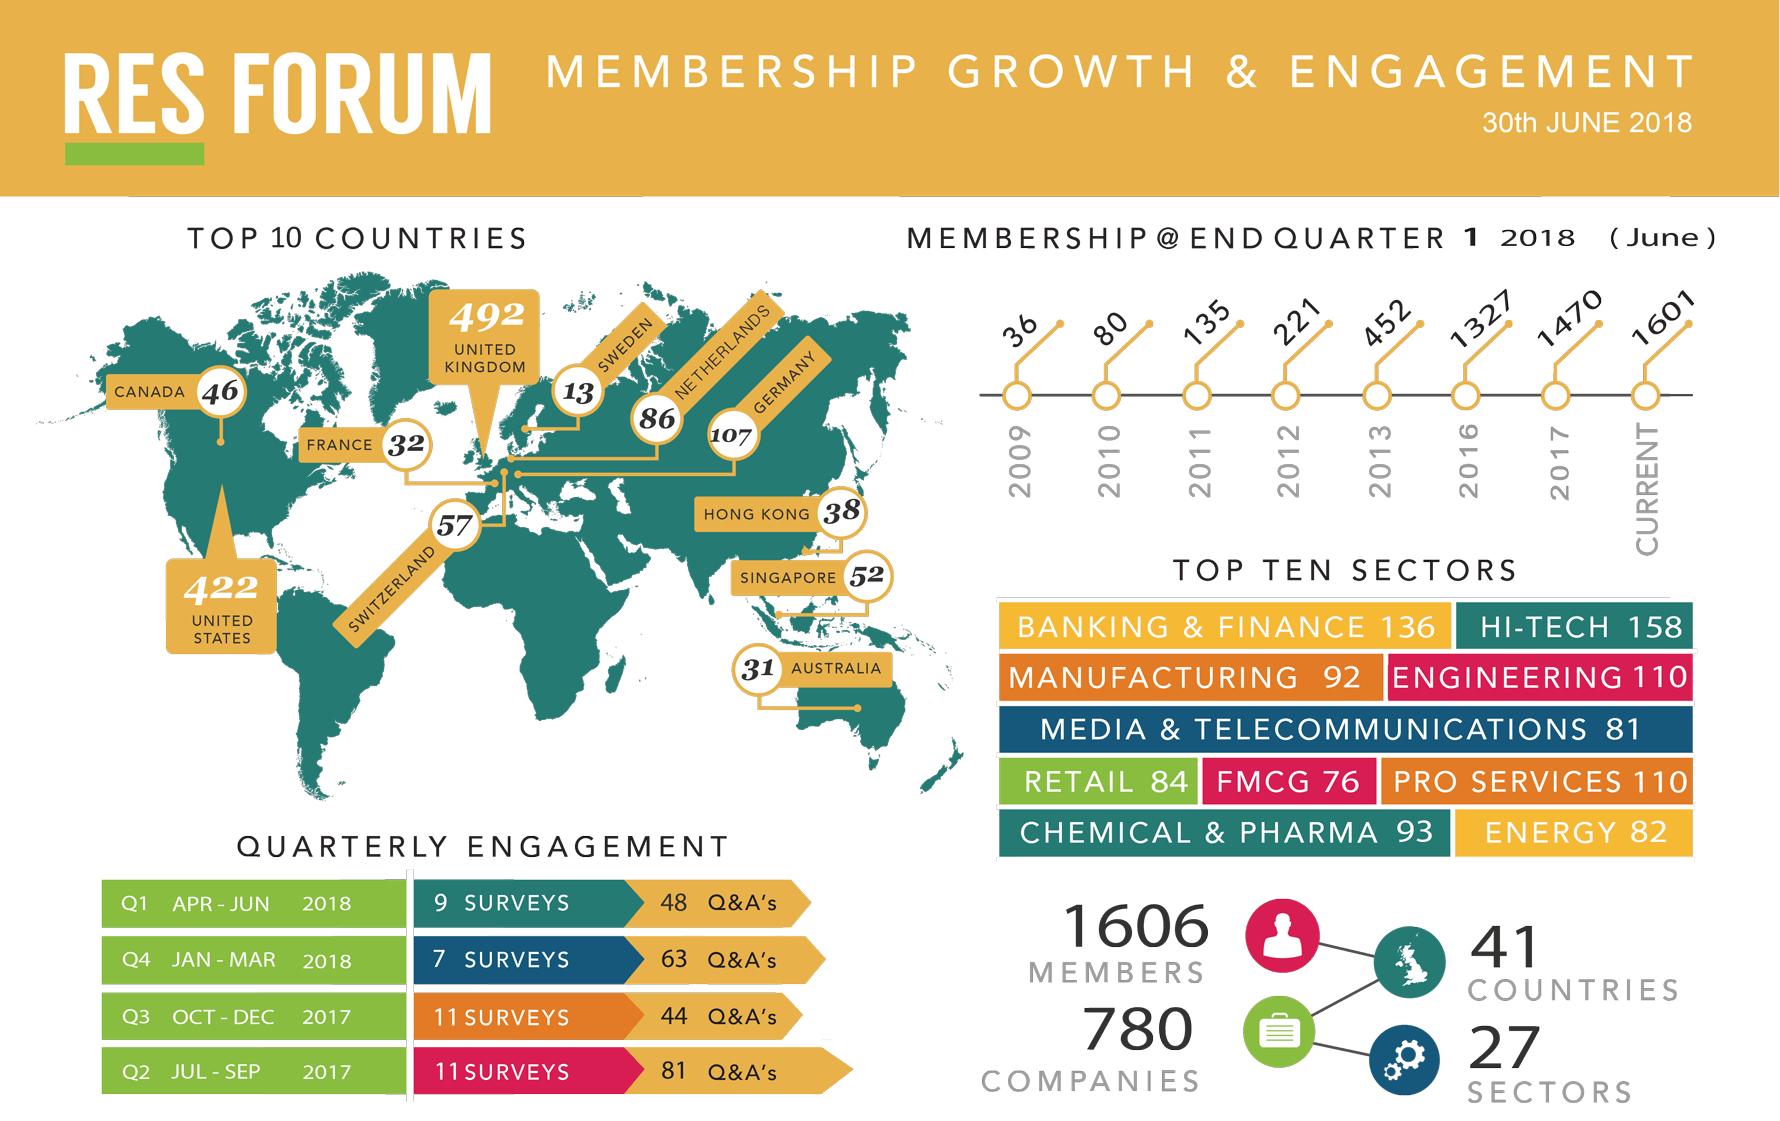 resforum_infographic_Jun_2018_final